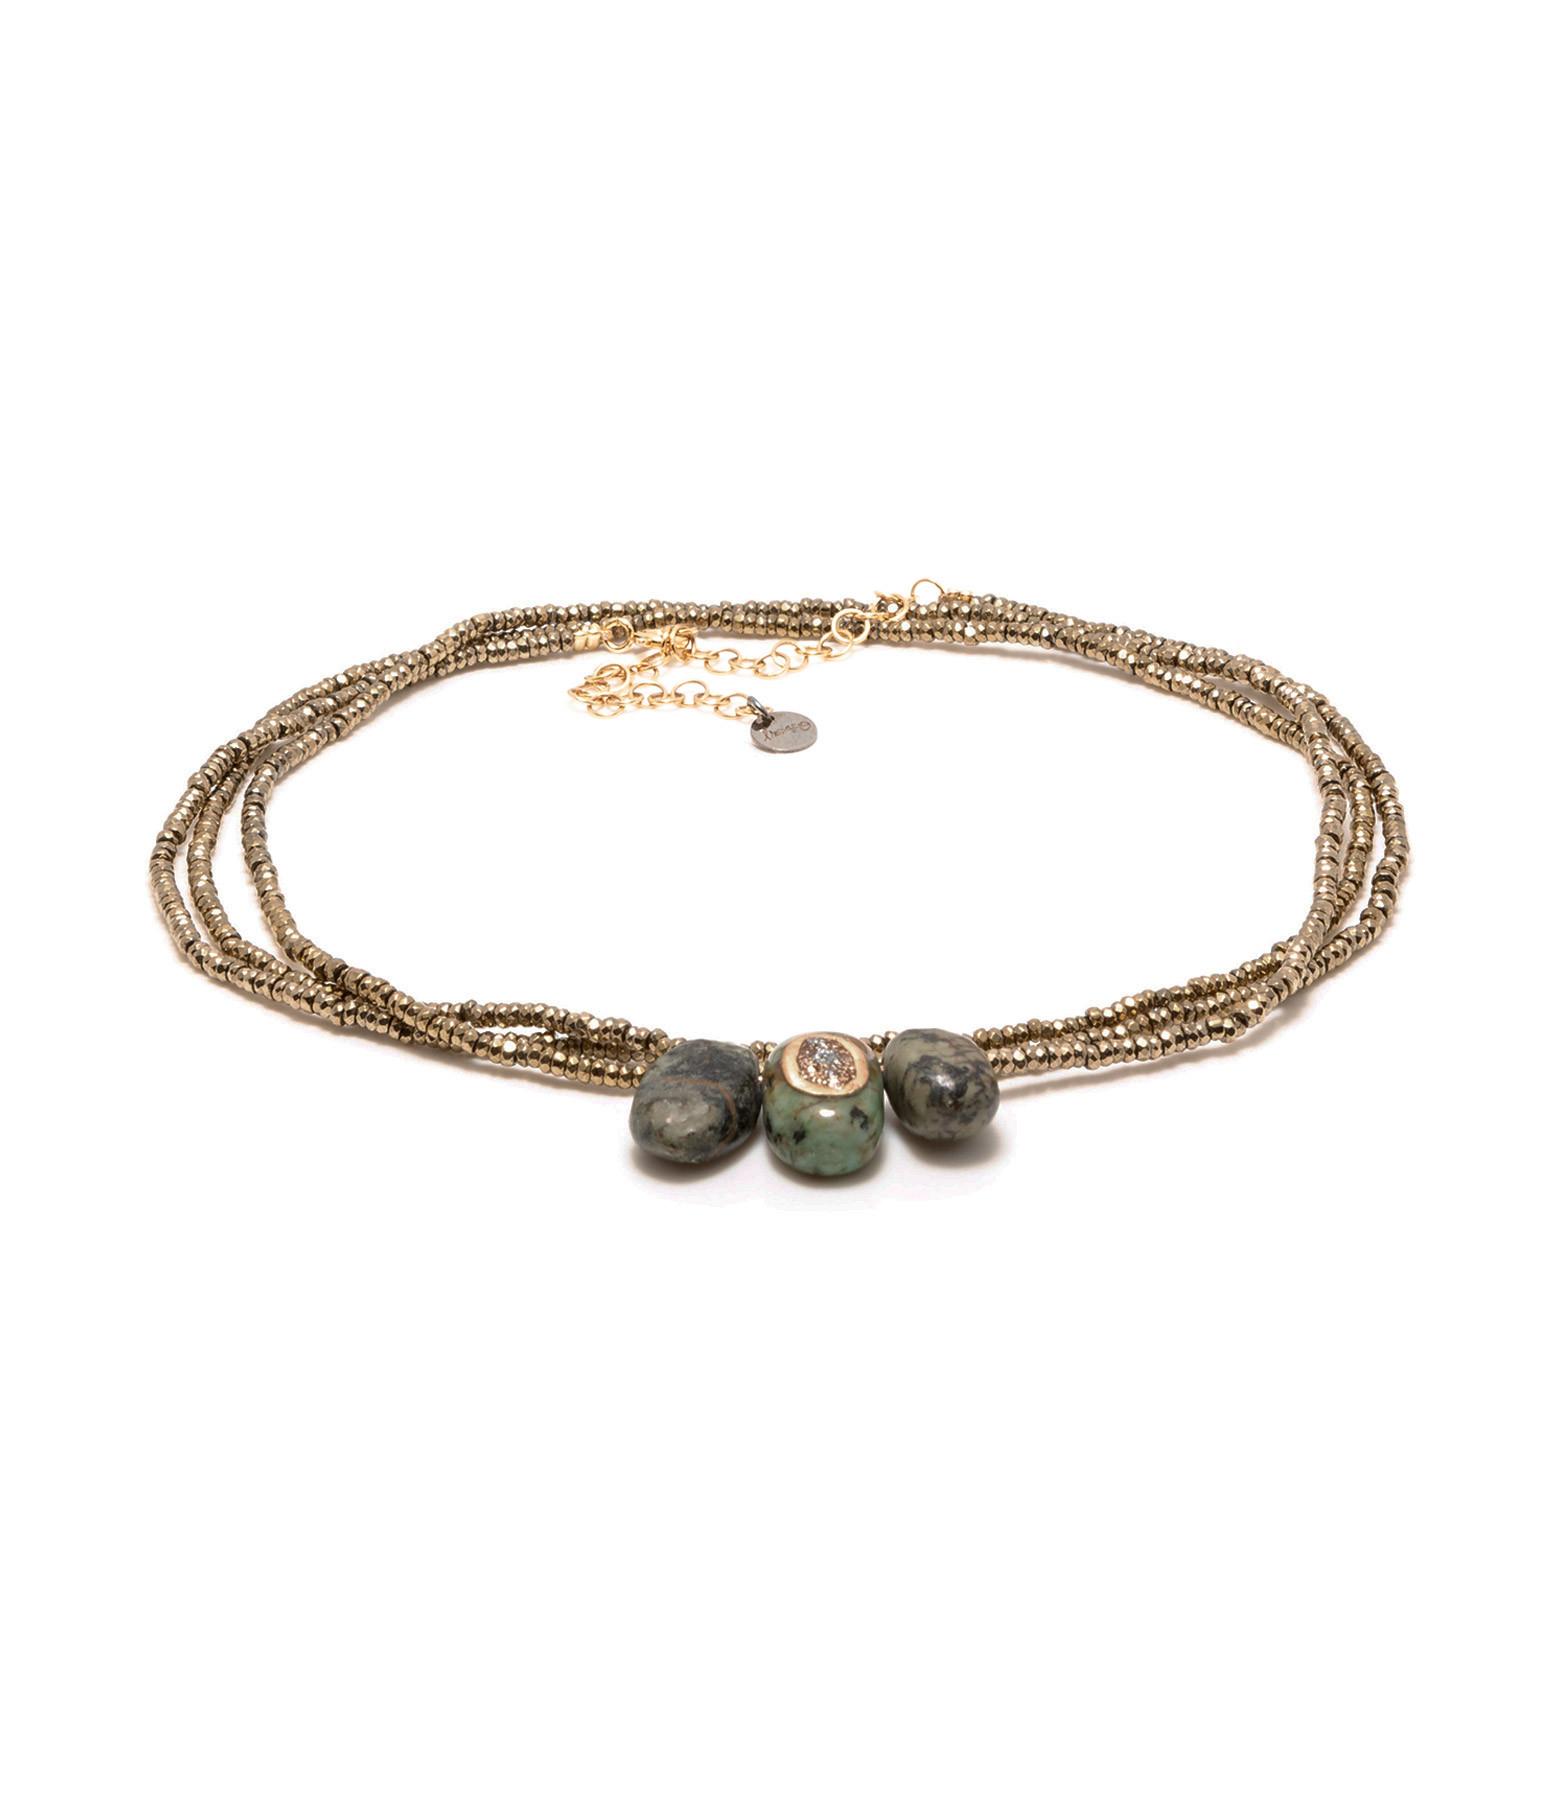 LSONGE - Bracelet Multi-tour Minéral Hématite Turquoise AGD